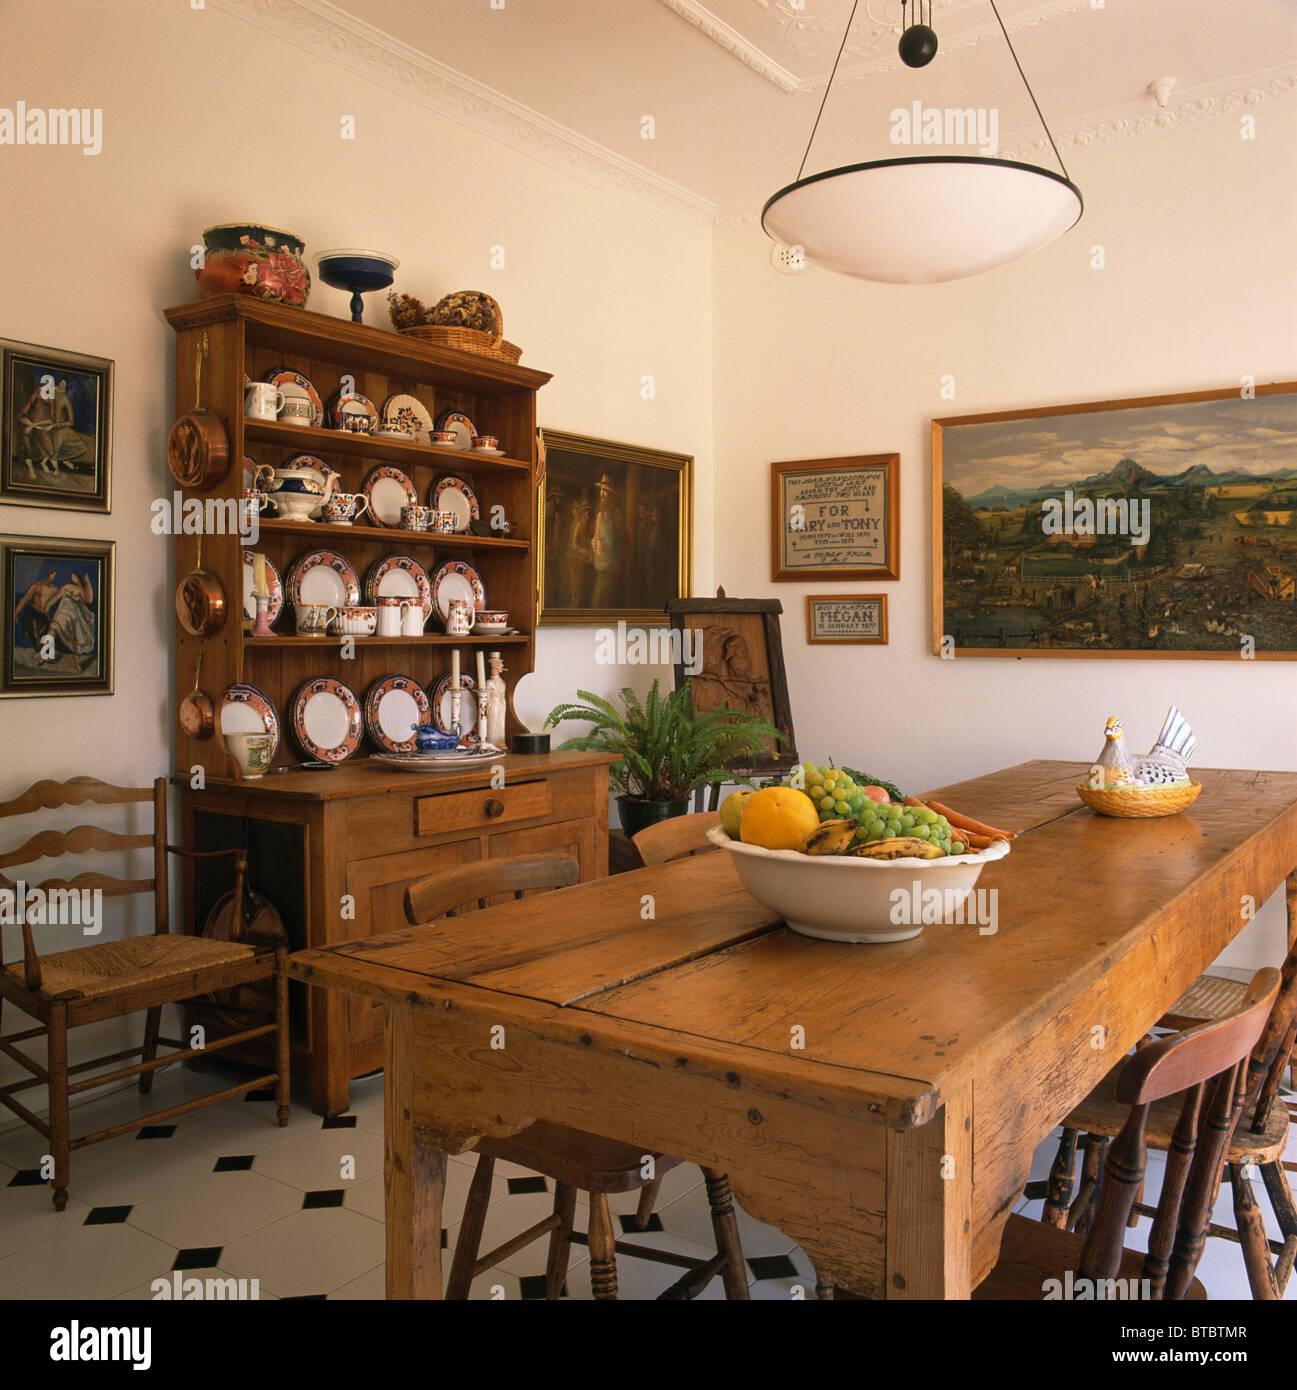 Pino antico tavolo e credenza di grandi dimensioni in una ...